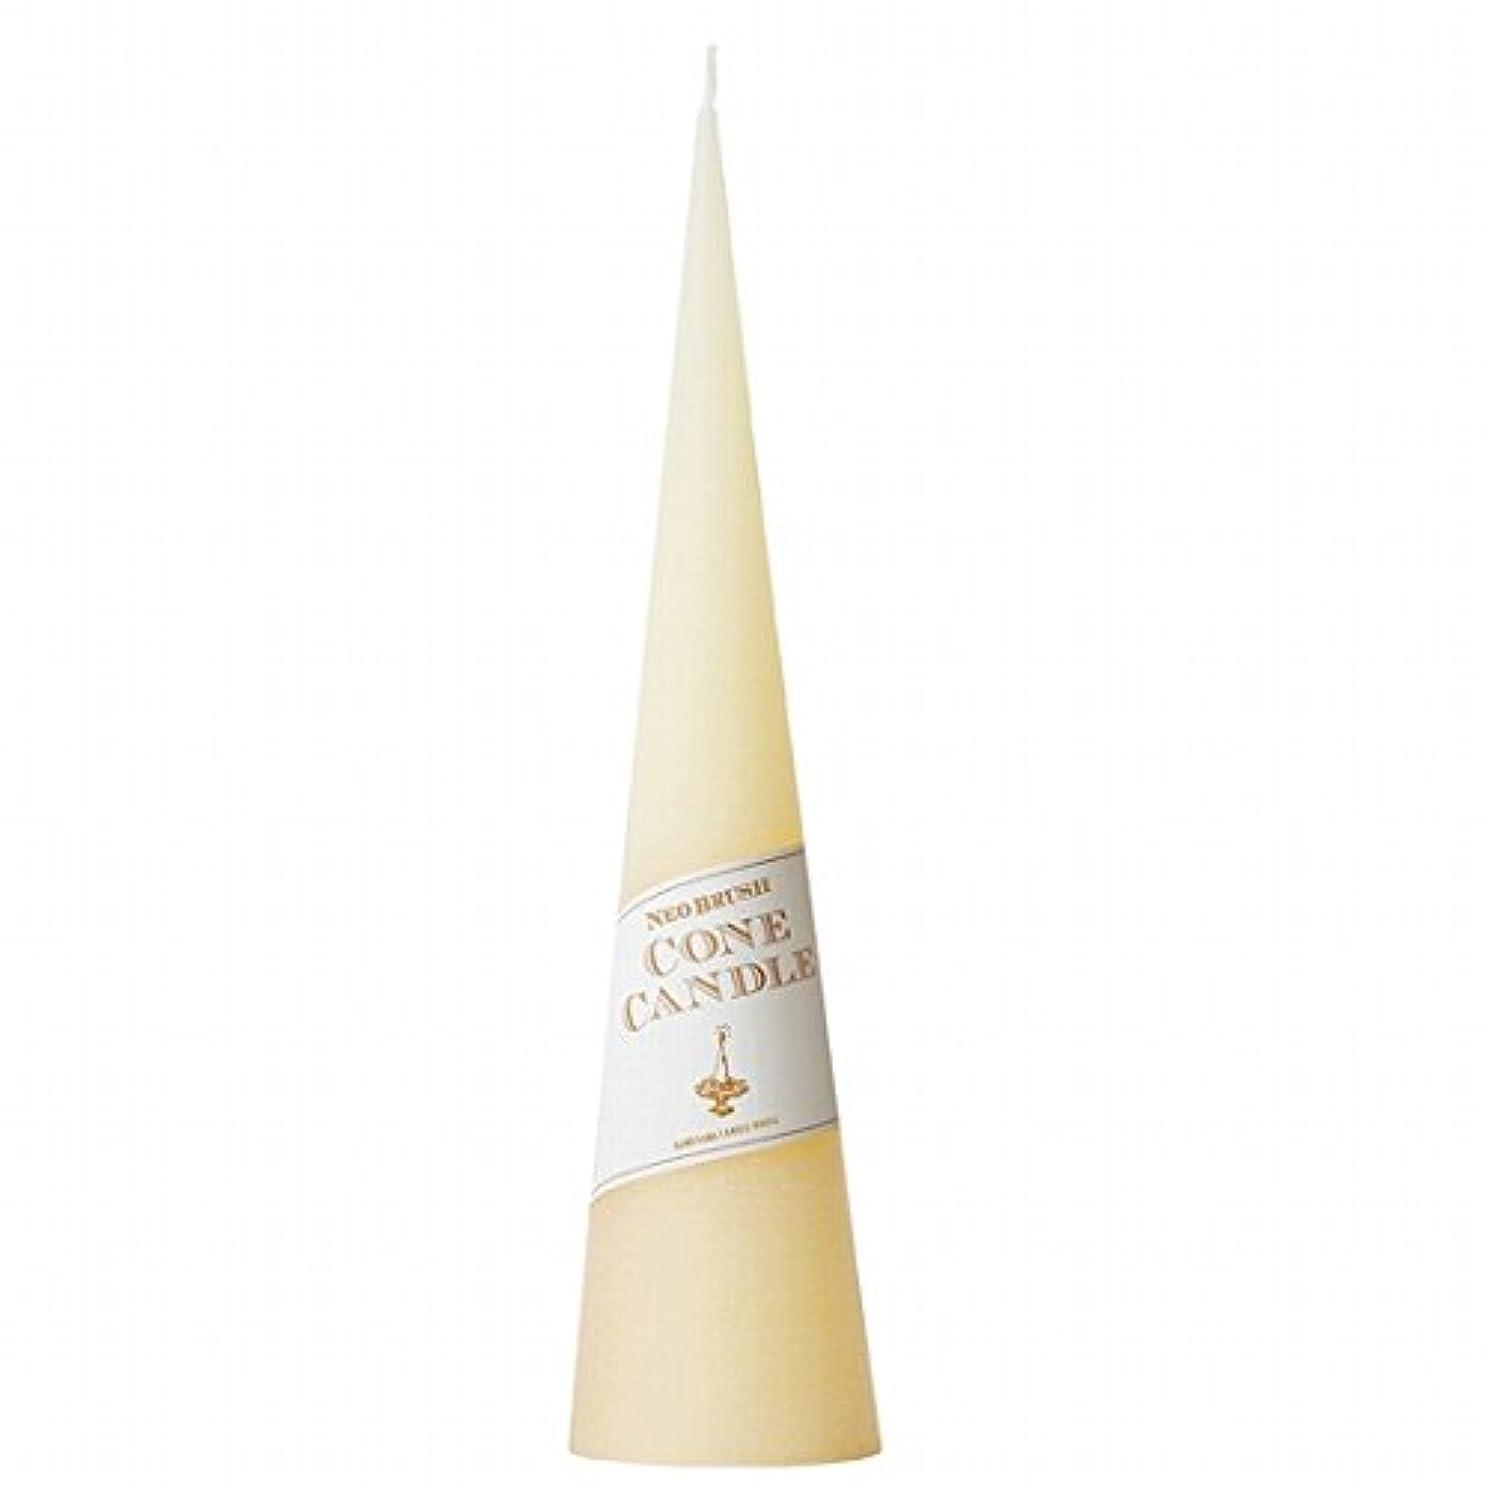 脱獄酸っぱいすでにkameyama candle(カメヤマキャンドル) ネオブラッシュコーン 295 キャンドル 「 アイボリー 」(A9750030IV)